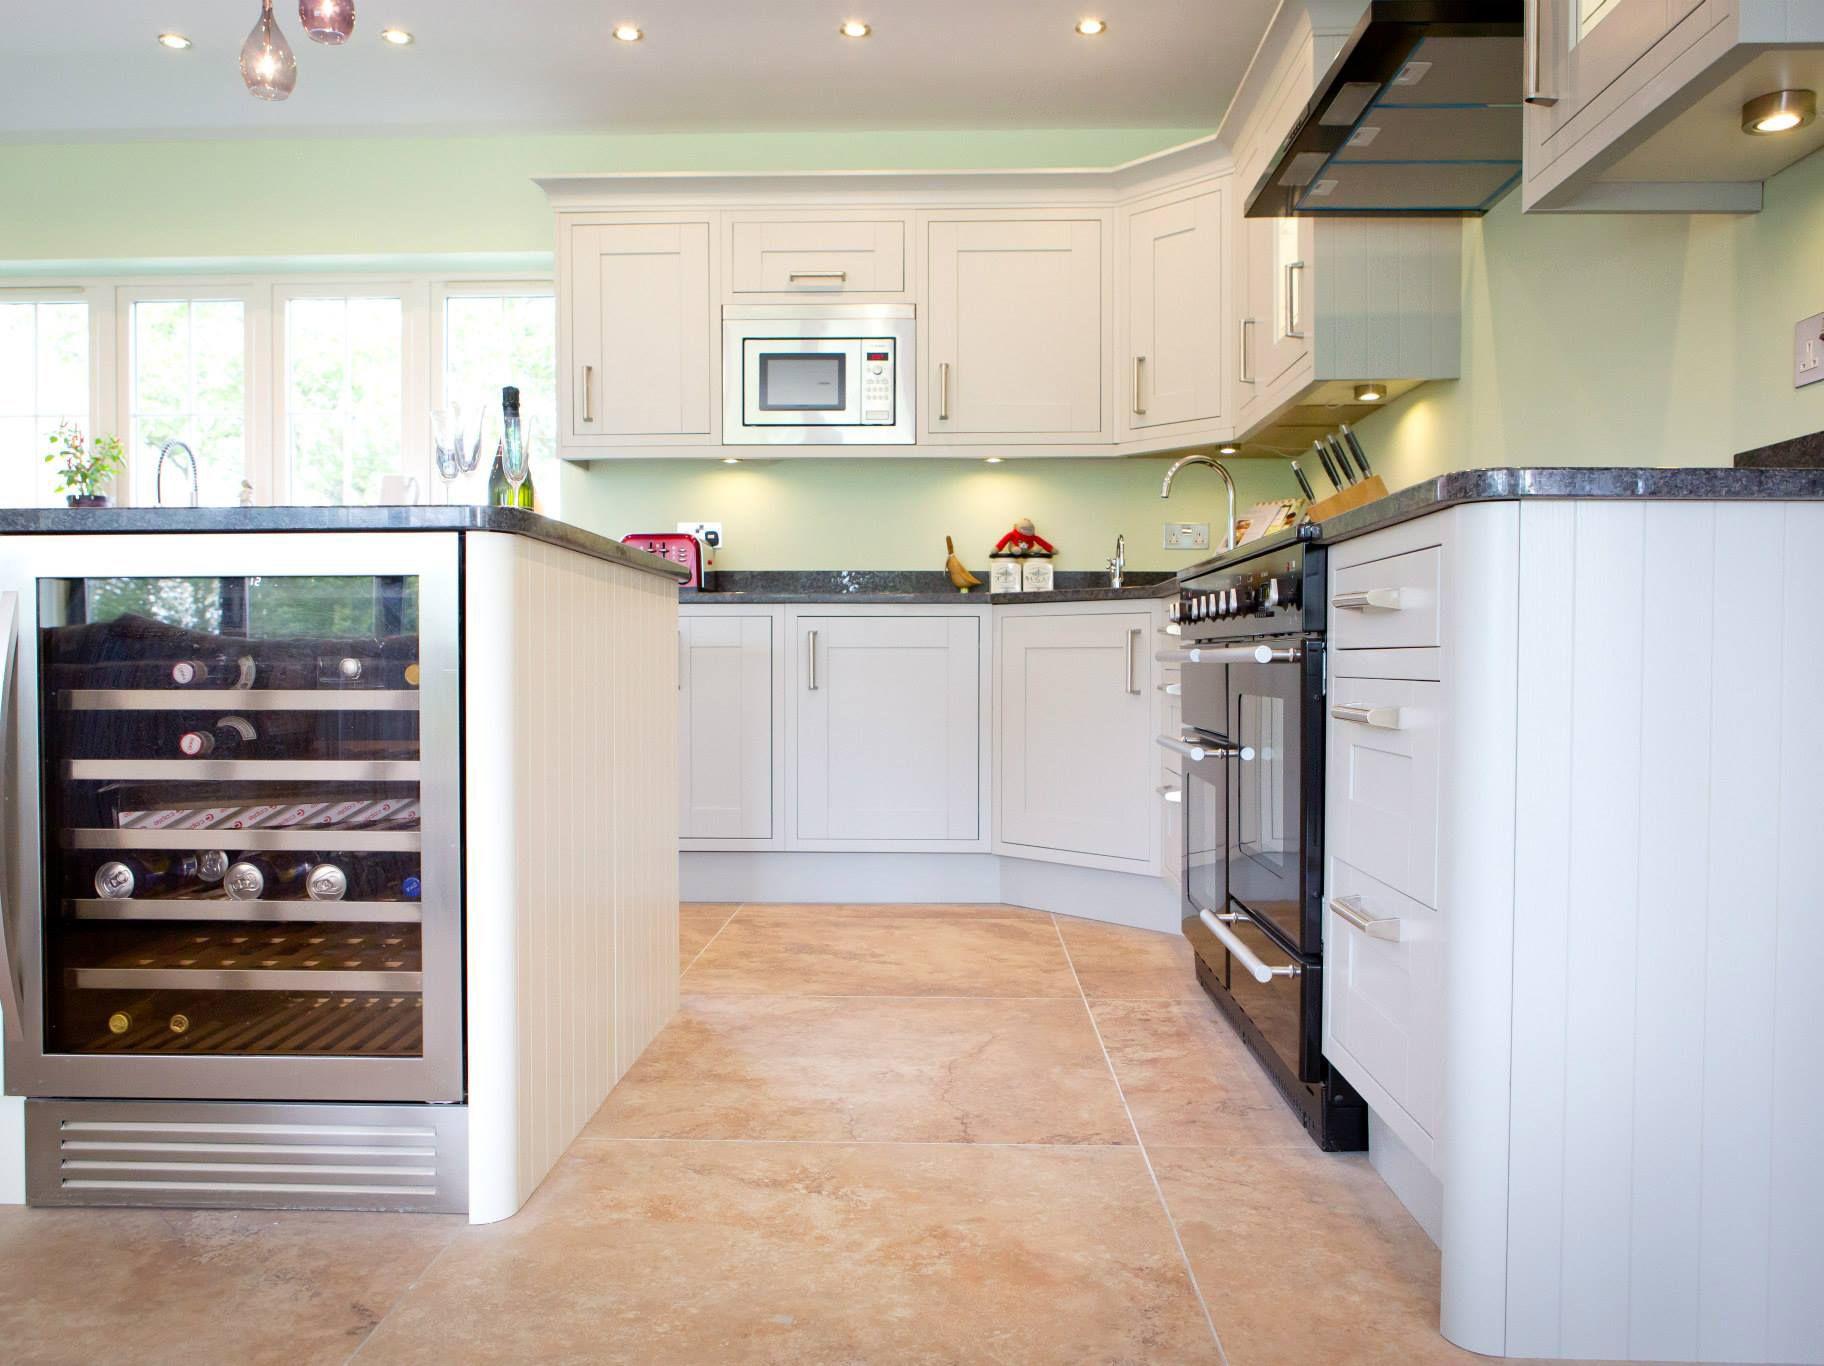 Tolle Küchendesign Ideen Uk Fotos - Küche Set Ideen - deriherusweets ...